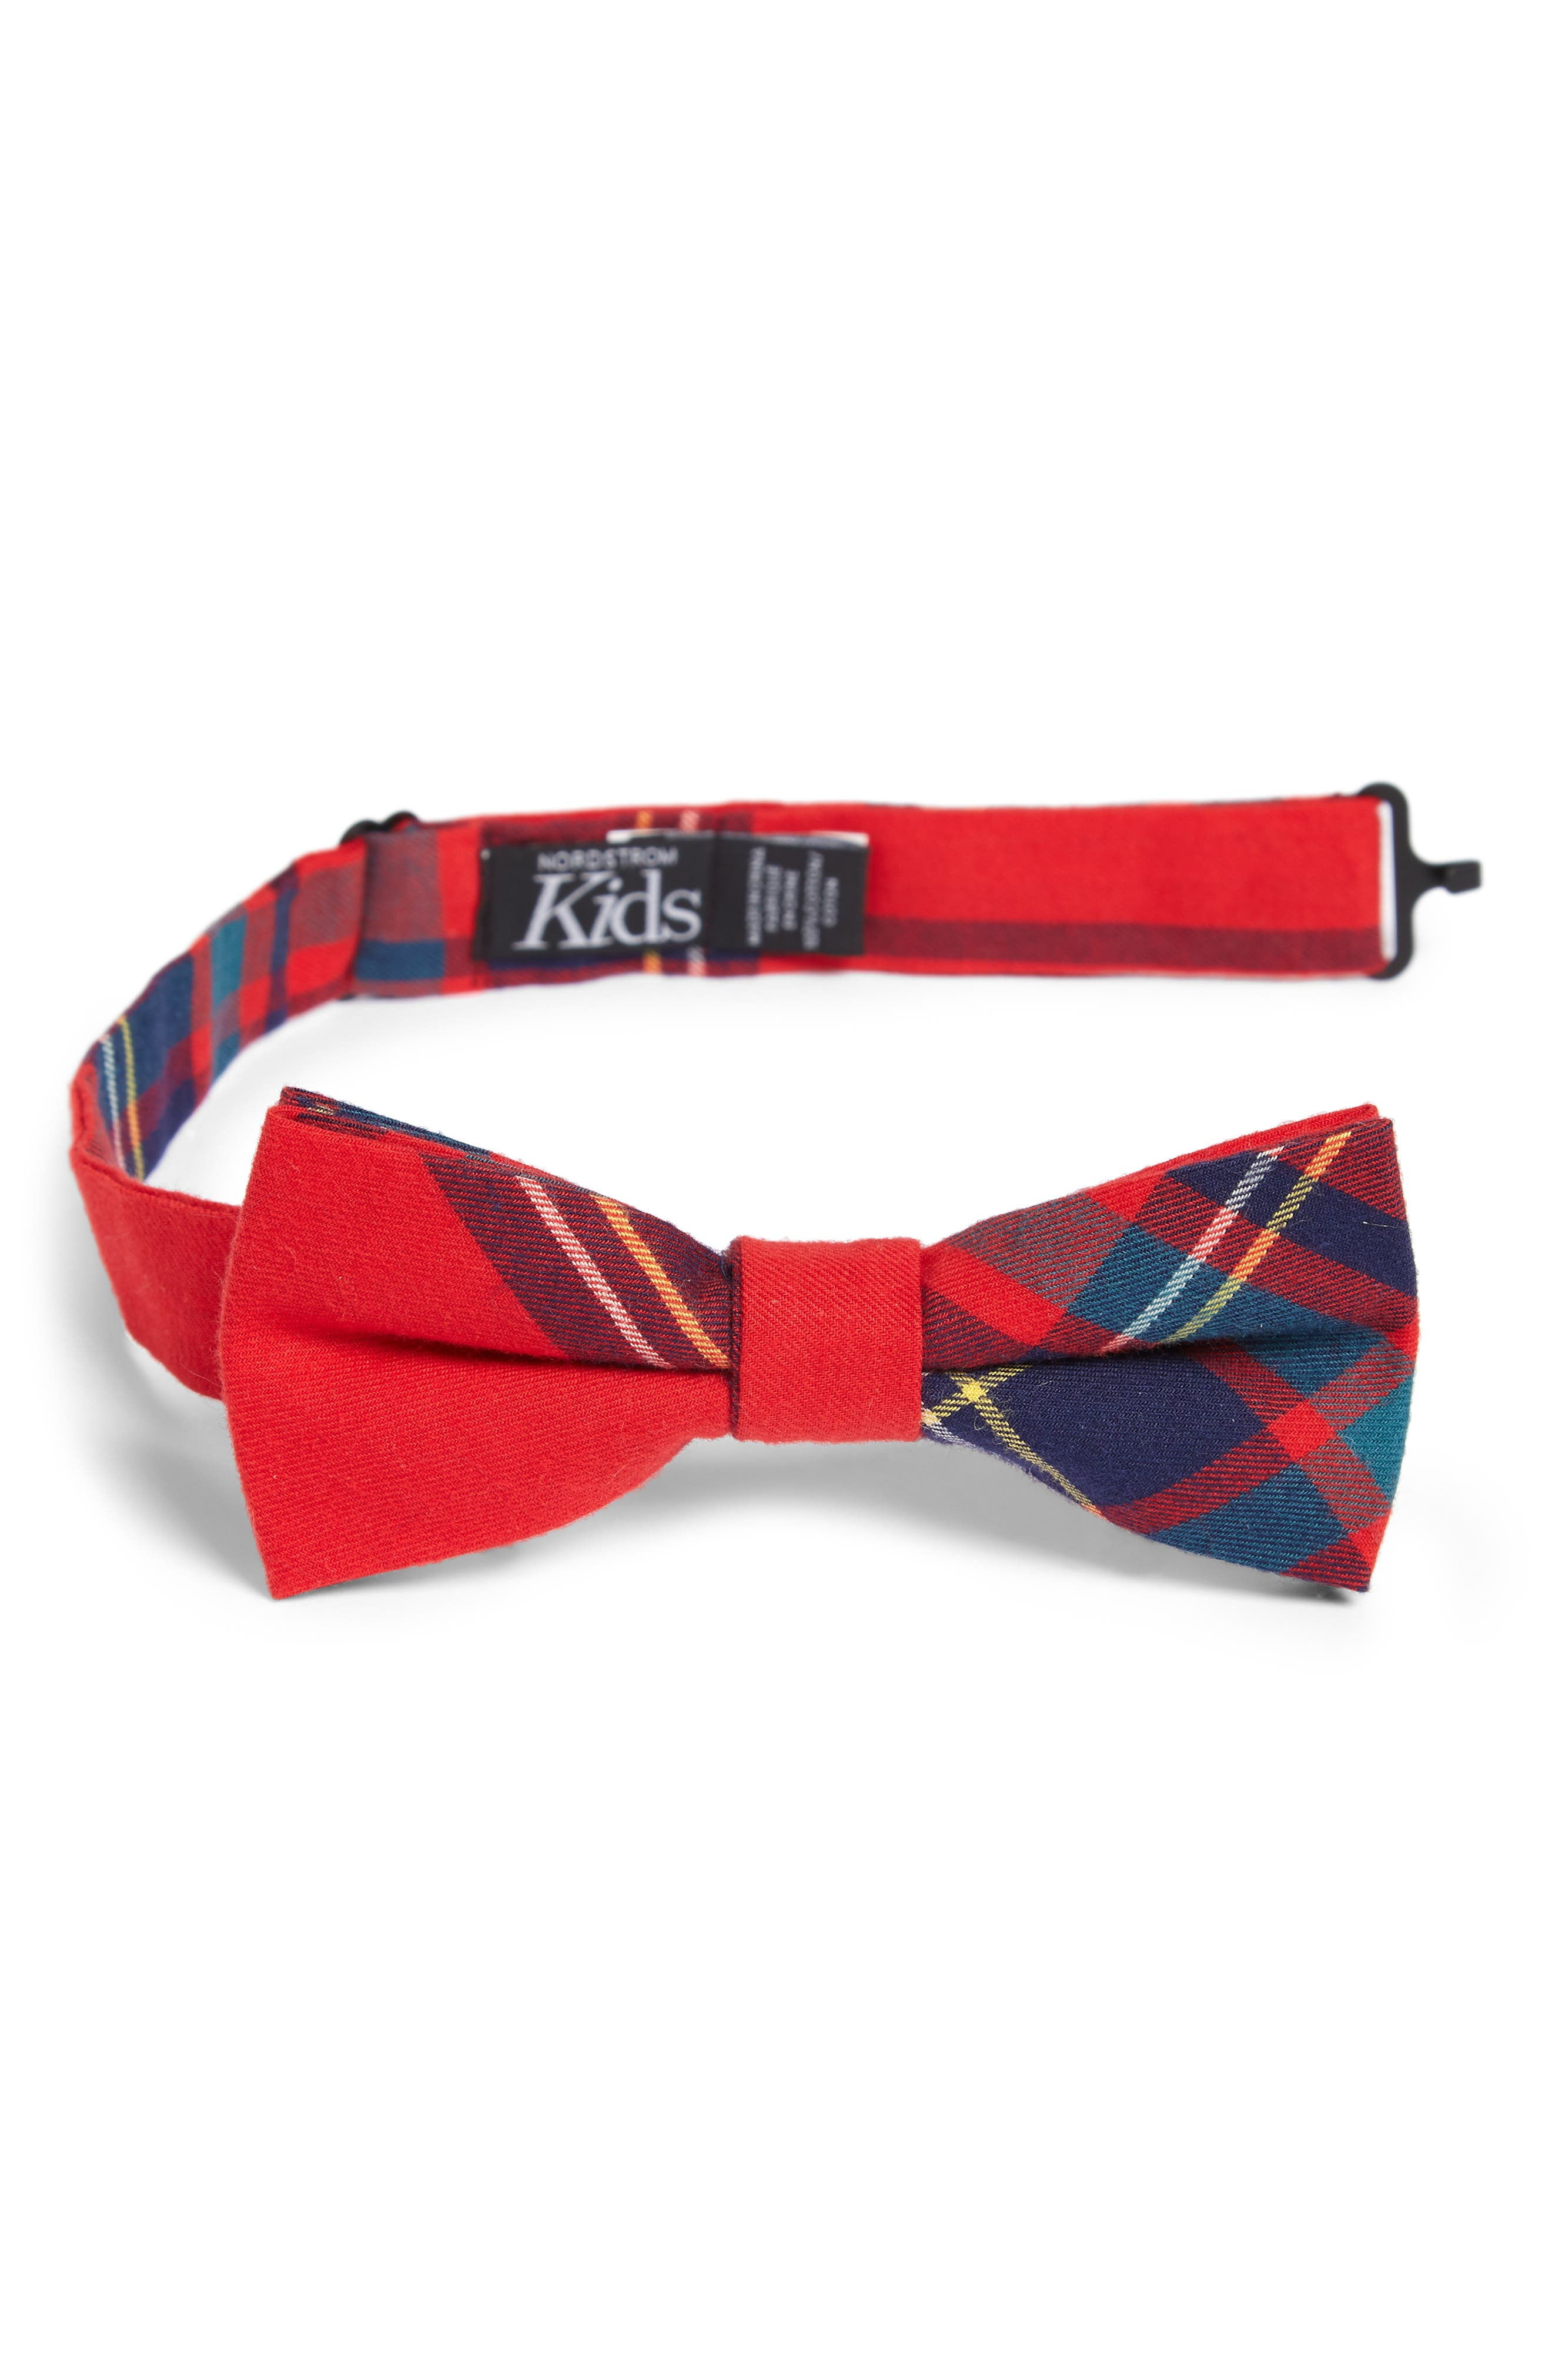 Plaid Cotton Bow Tie,                         Main,                         color, 600